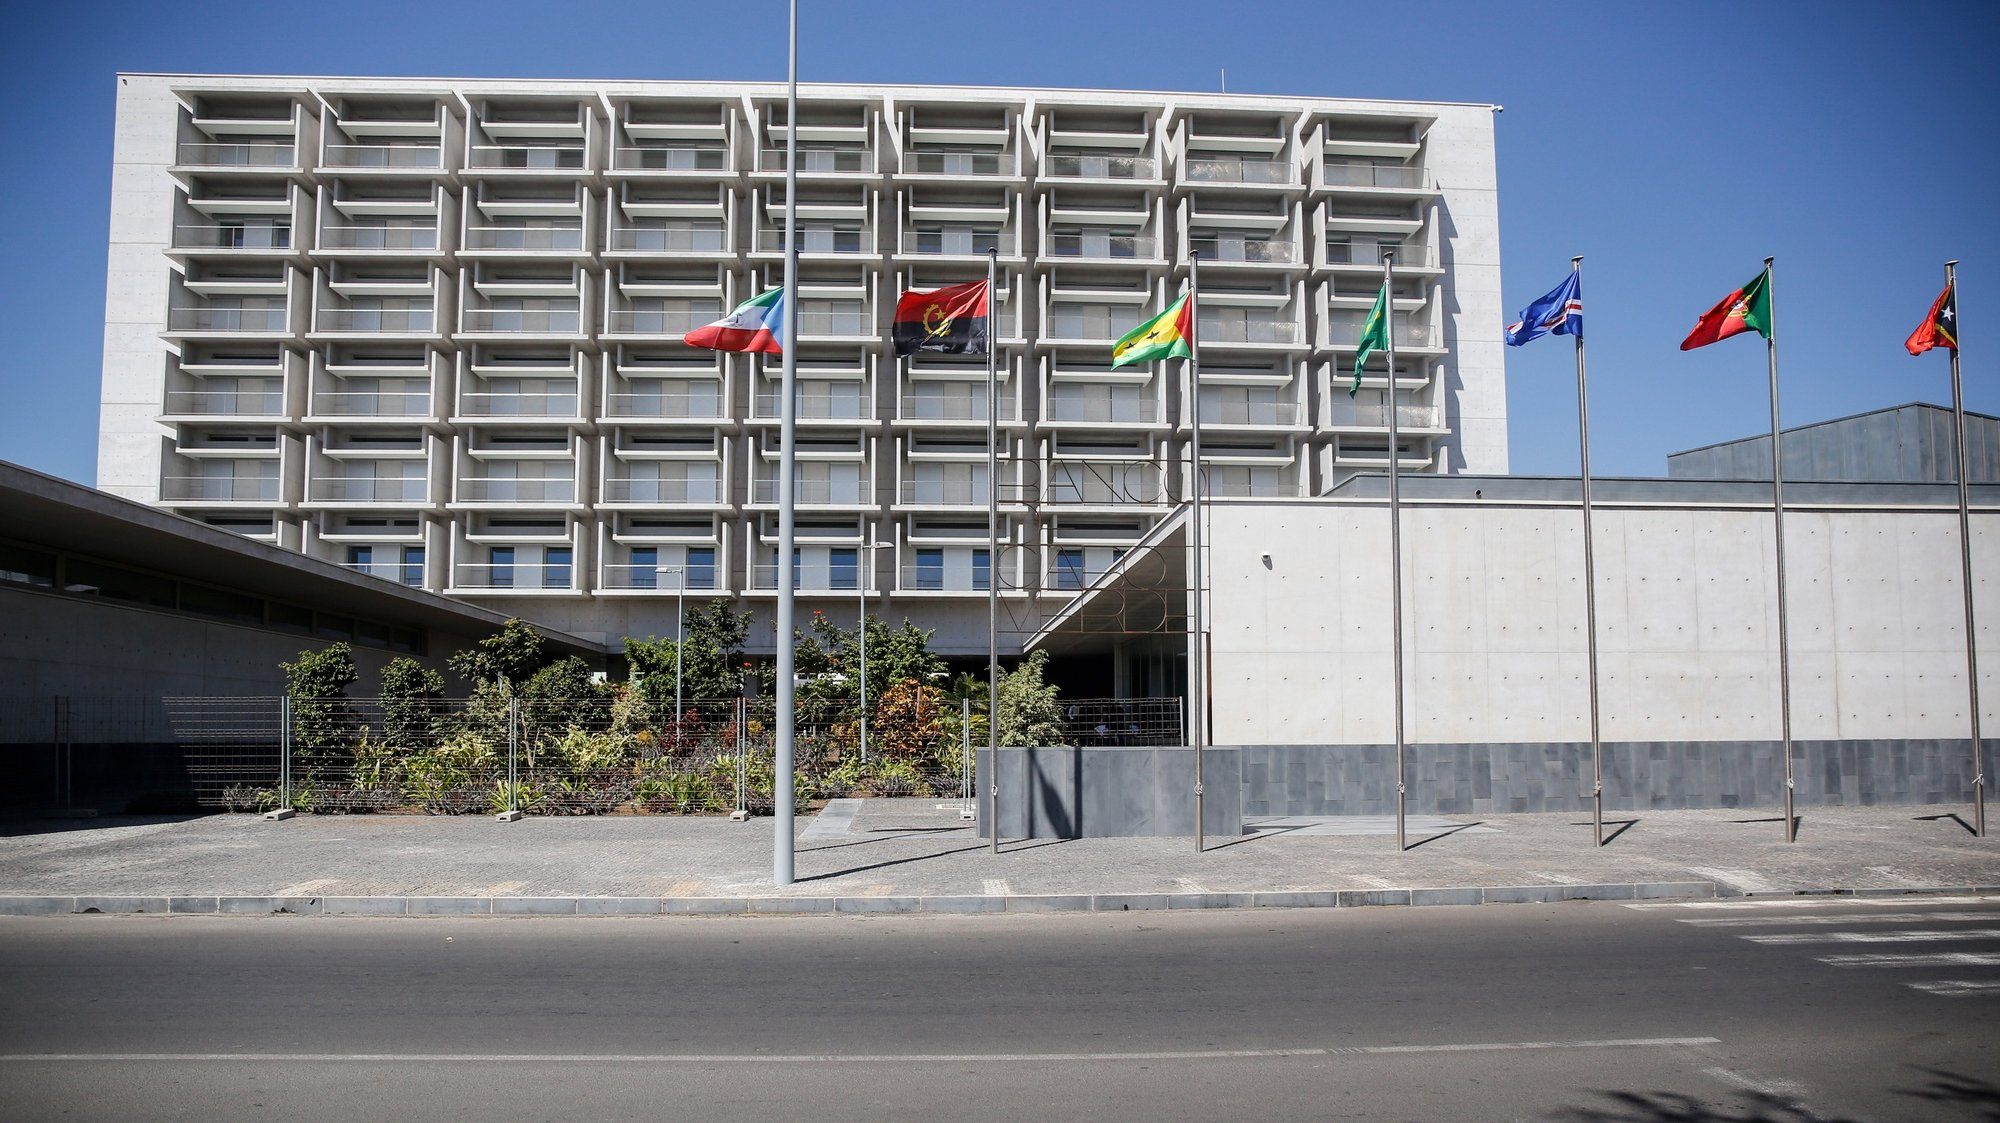 Sede do Banco de Cabo Verde (BCV) desenhada pelo arquiteto Siza Vieira e considerado o mais moderno edifício do país, Cidade da Praia, Cabo Verde, 11 de fevereiro de 2021.  FERNANDO DE PINA/LUSA